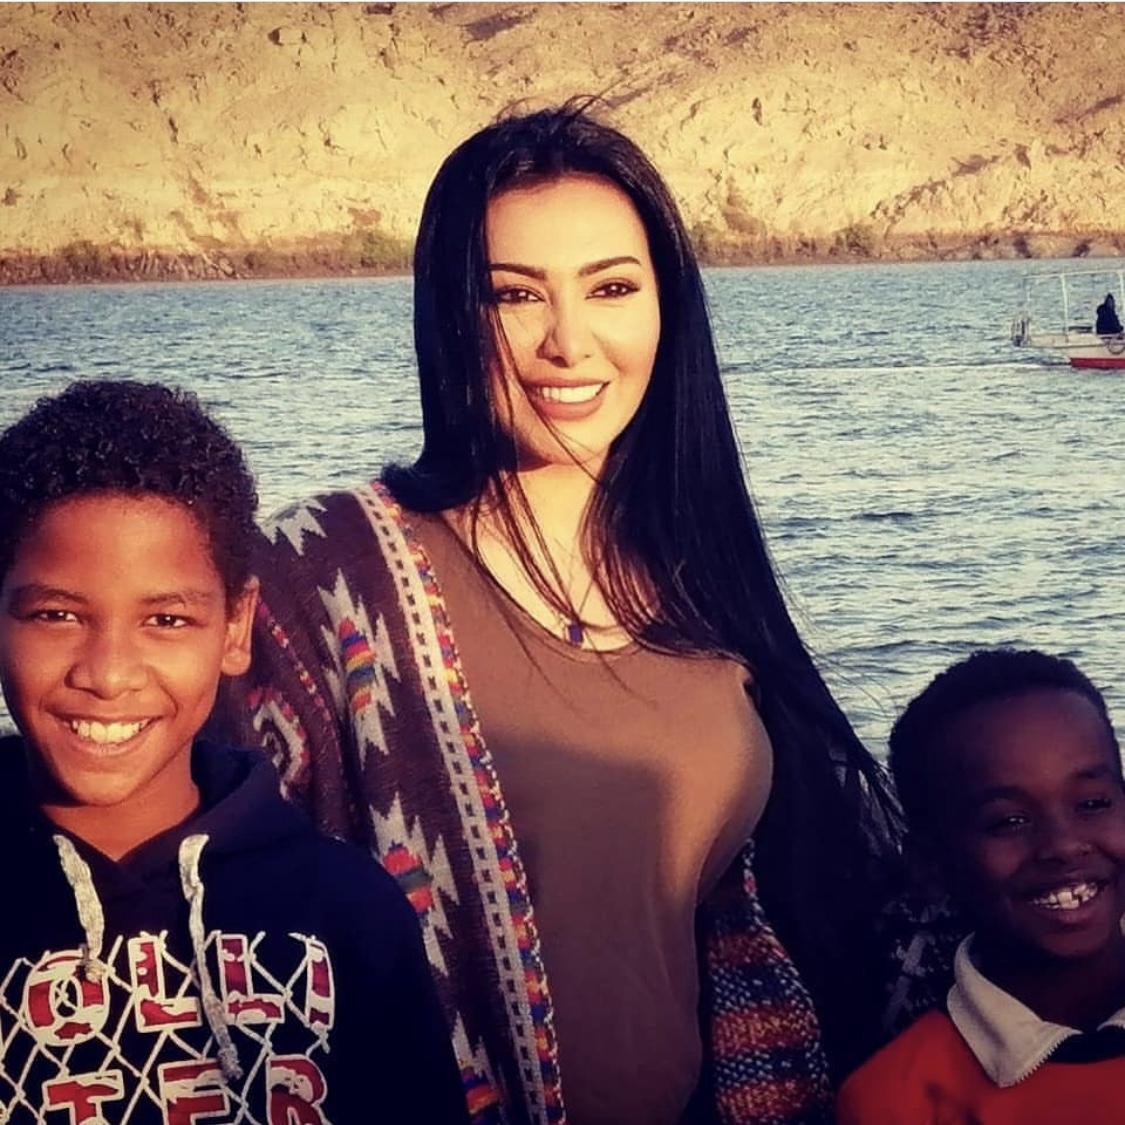 ميرهان حسين مع الأطفال بأسوان